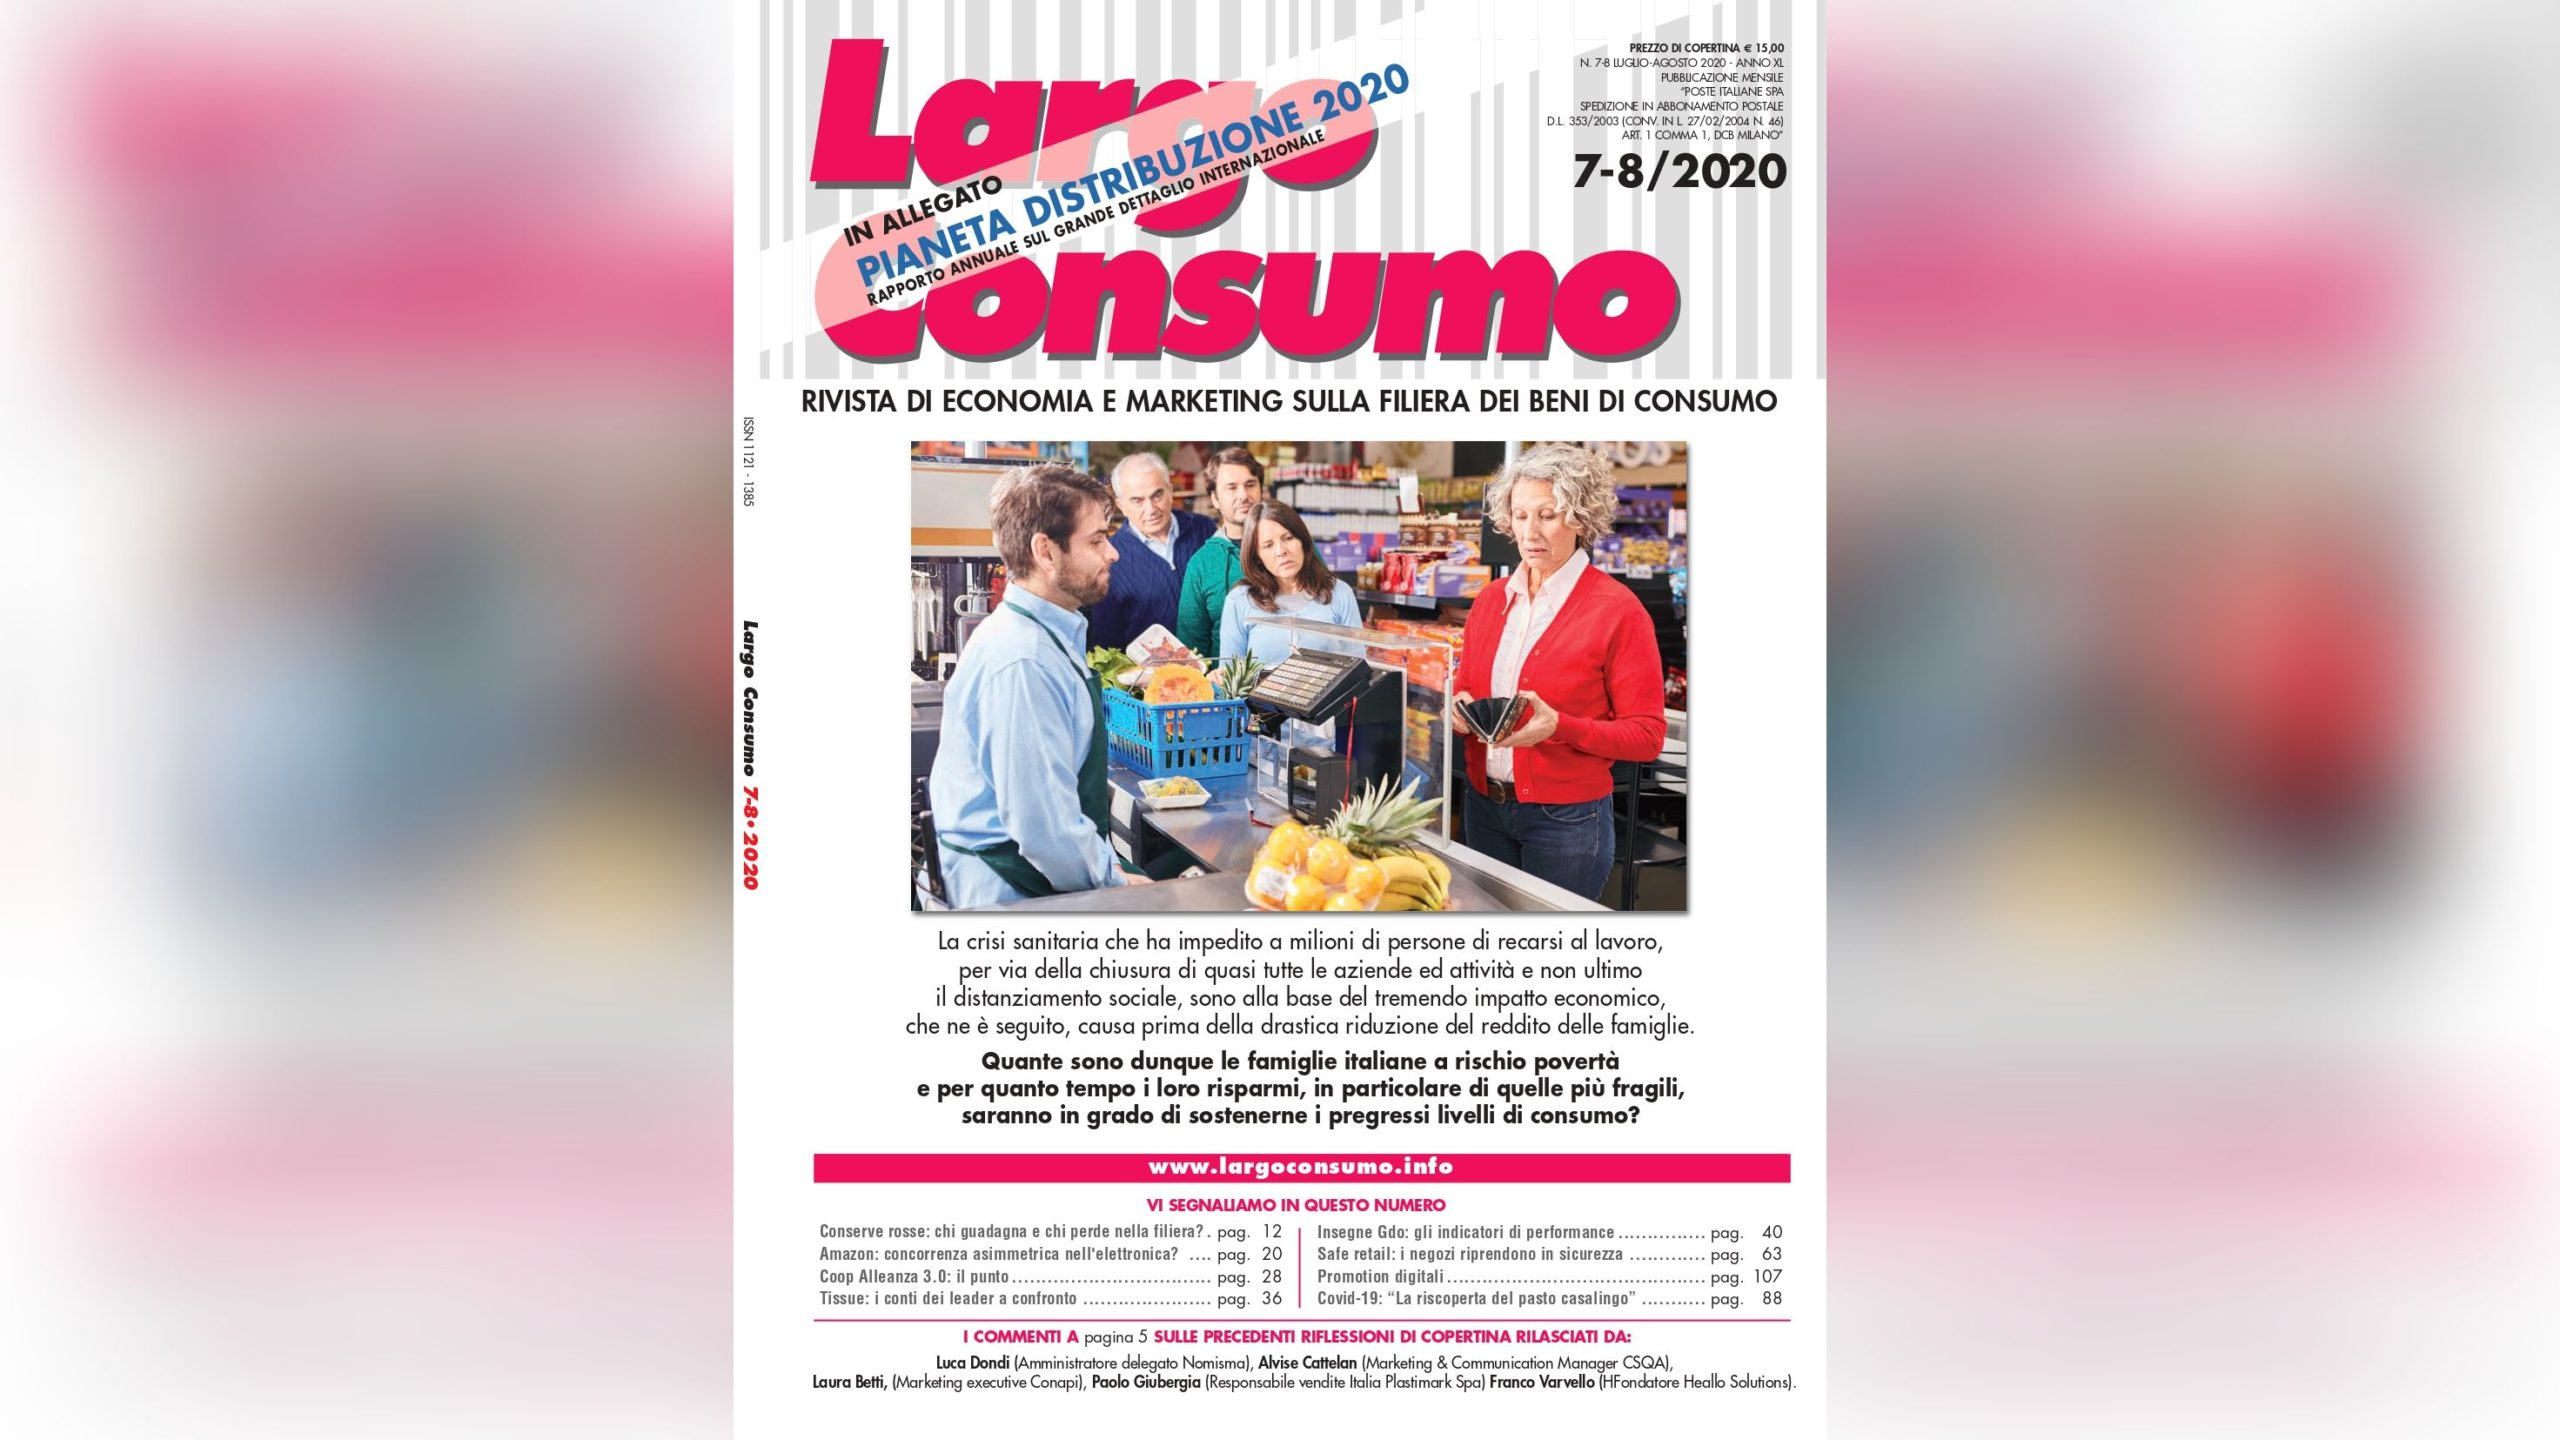 L'analisi liquori e distillati di Competitive Data sulla rivista Largo Consumo